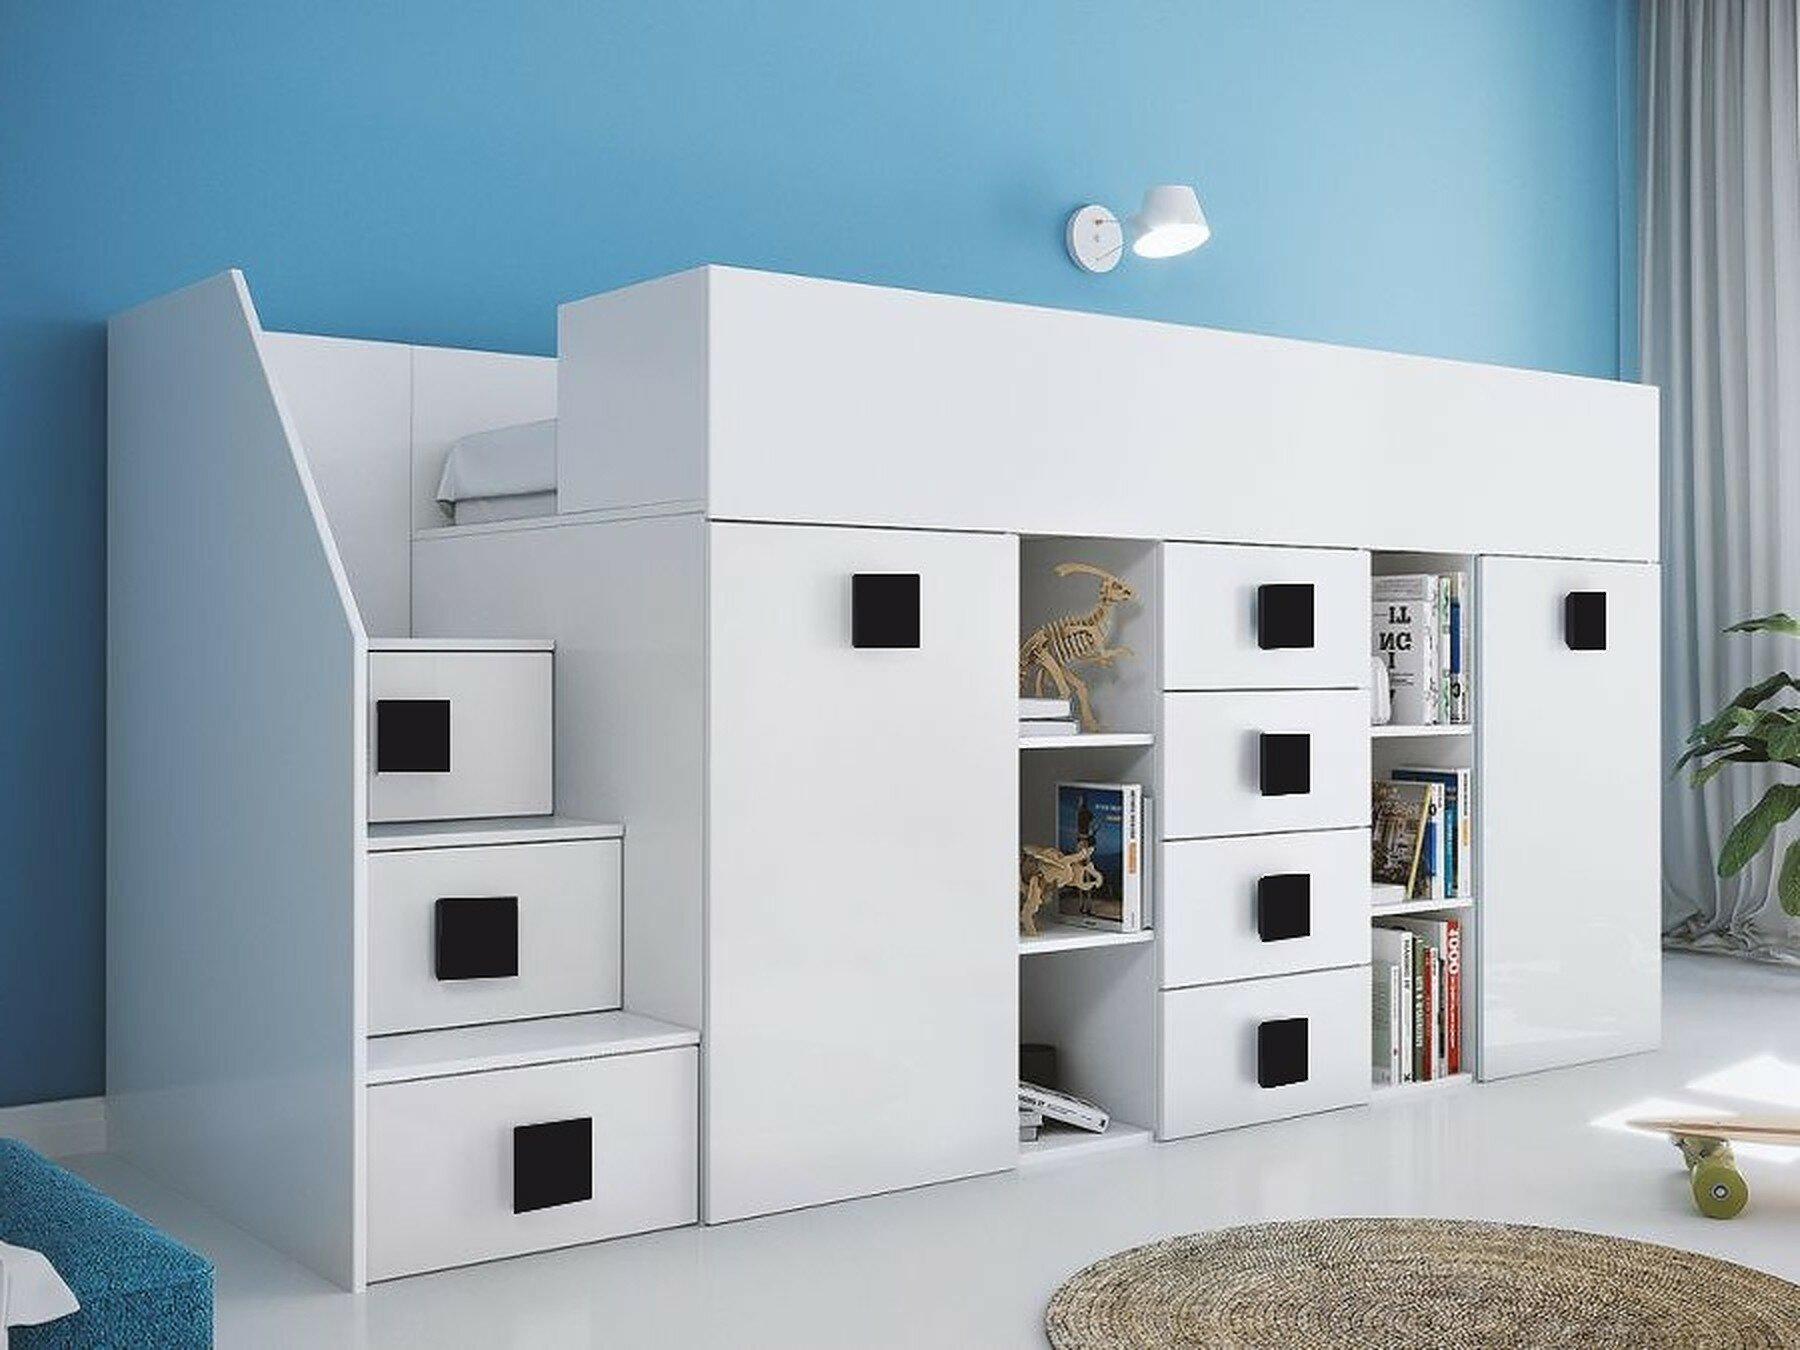 Möbelum Hochbett Elegant isabelle & Max Hochbett Fairchild Mit Möbel Set 90 X 200 Cm